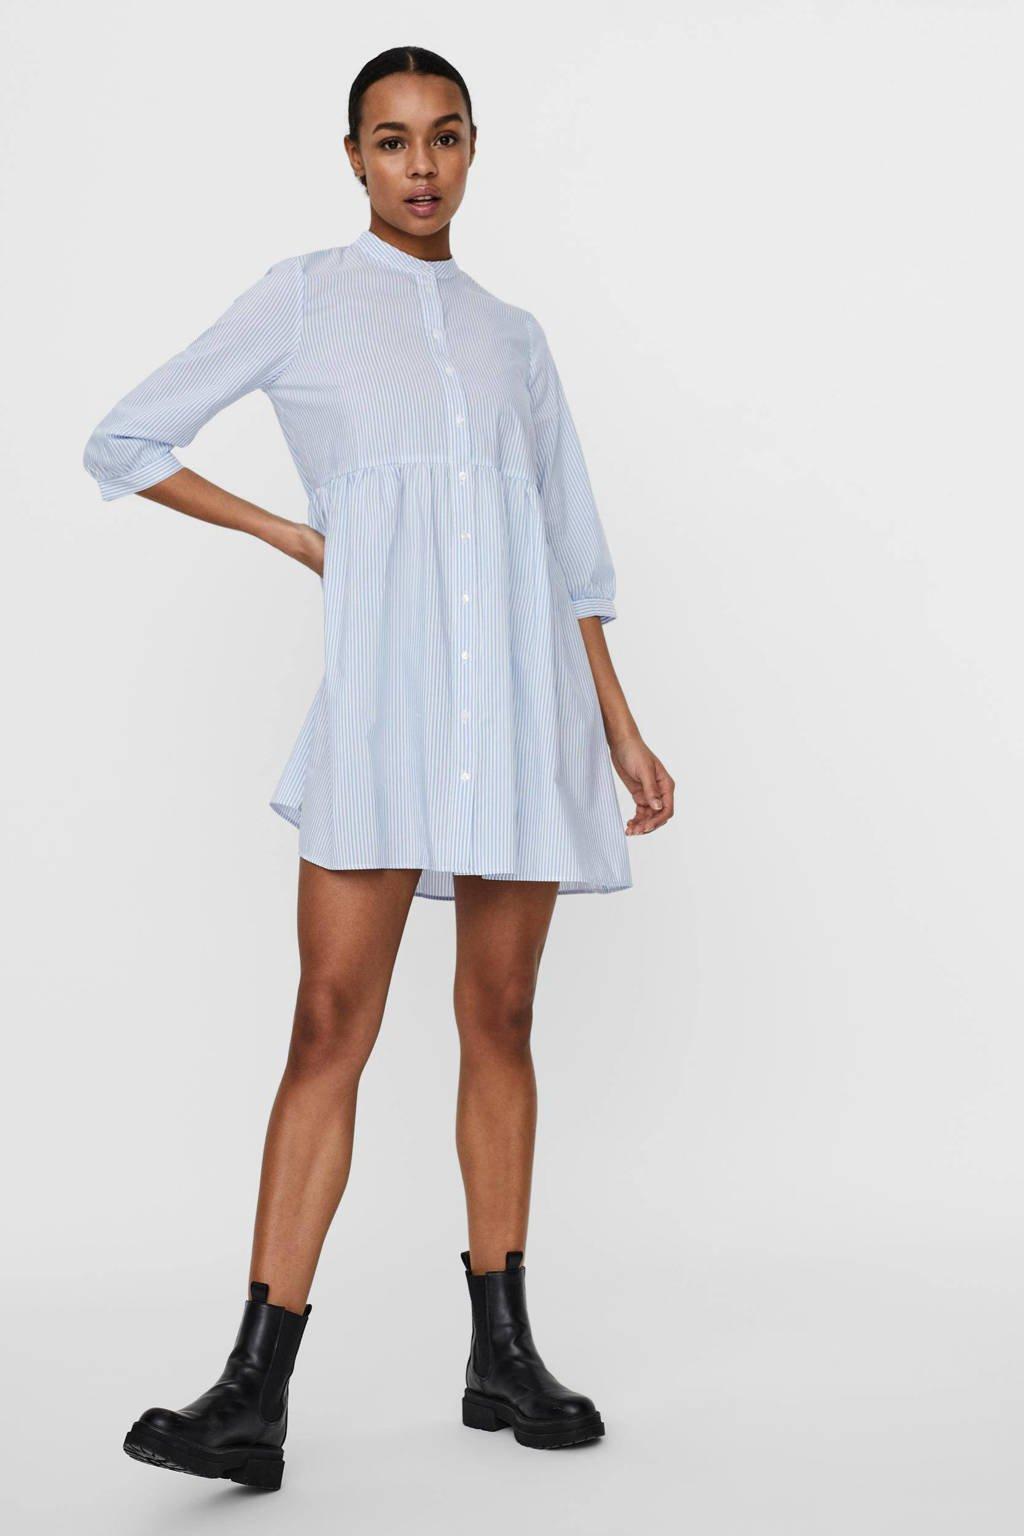 VERO MODA gestreepte blousejurk VMSISI lichtblauw/wit, Lichtblauw/wit